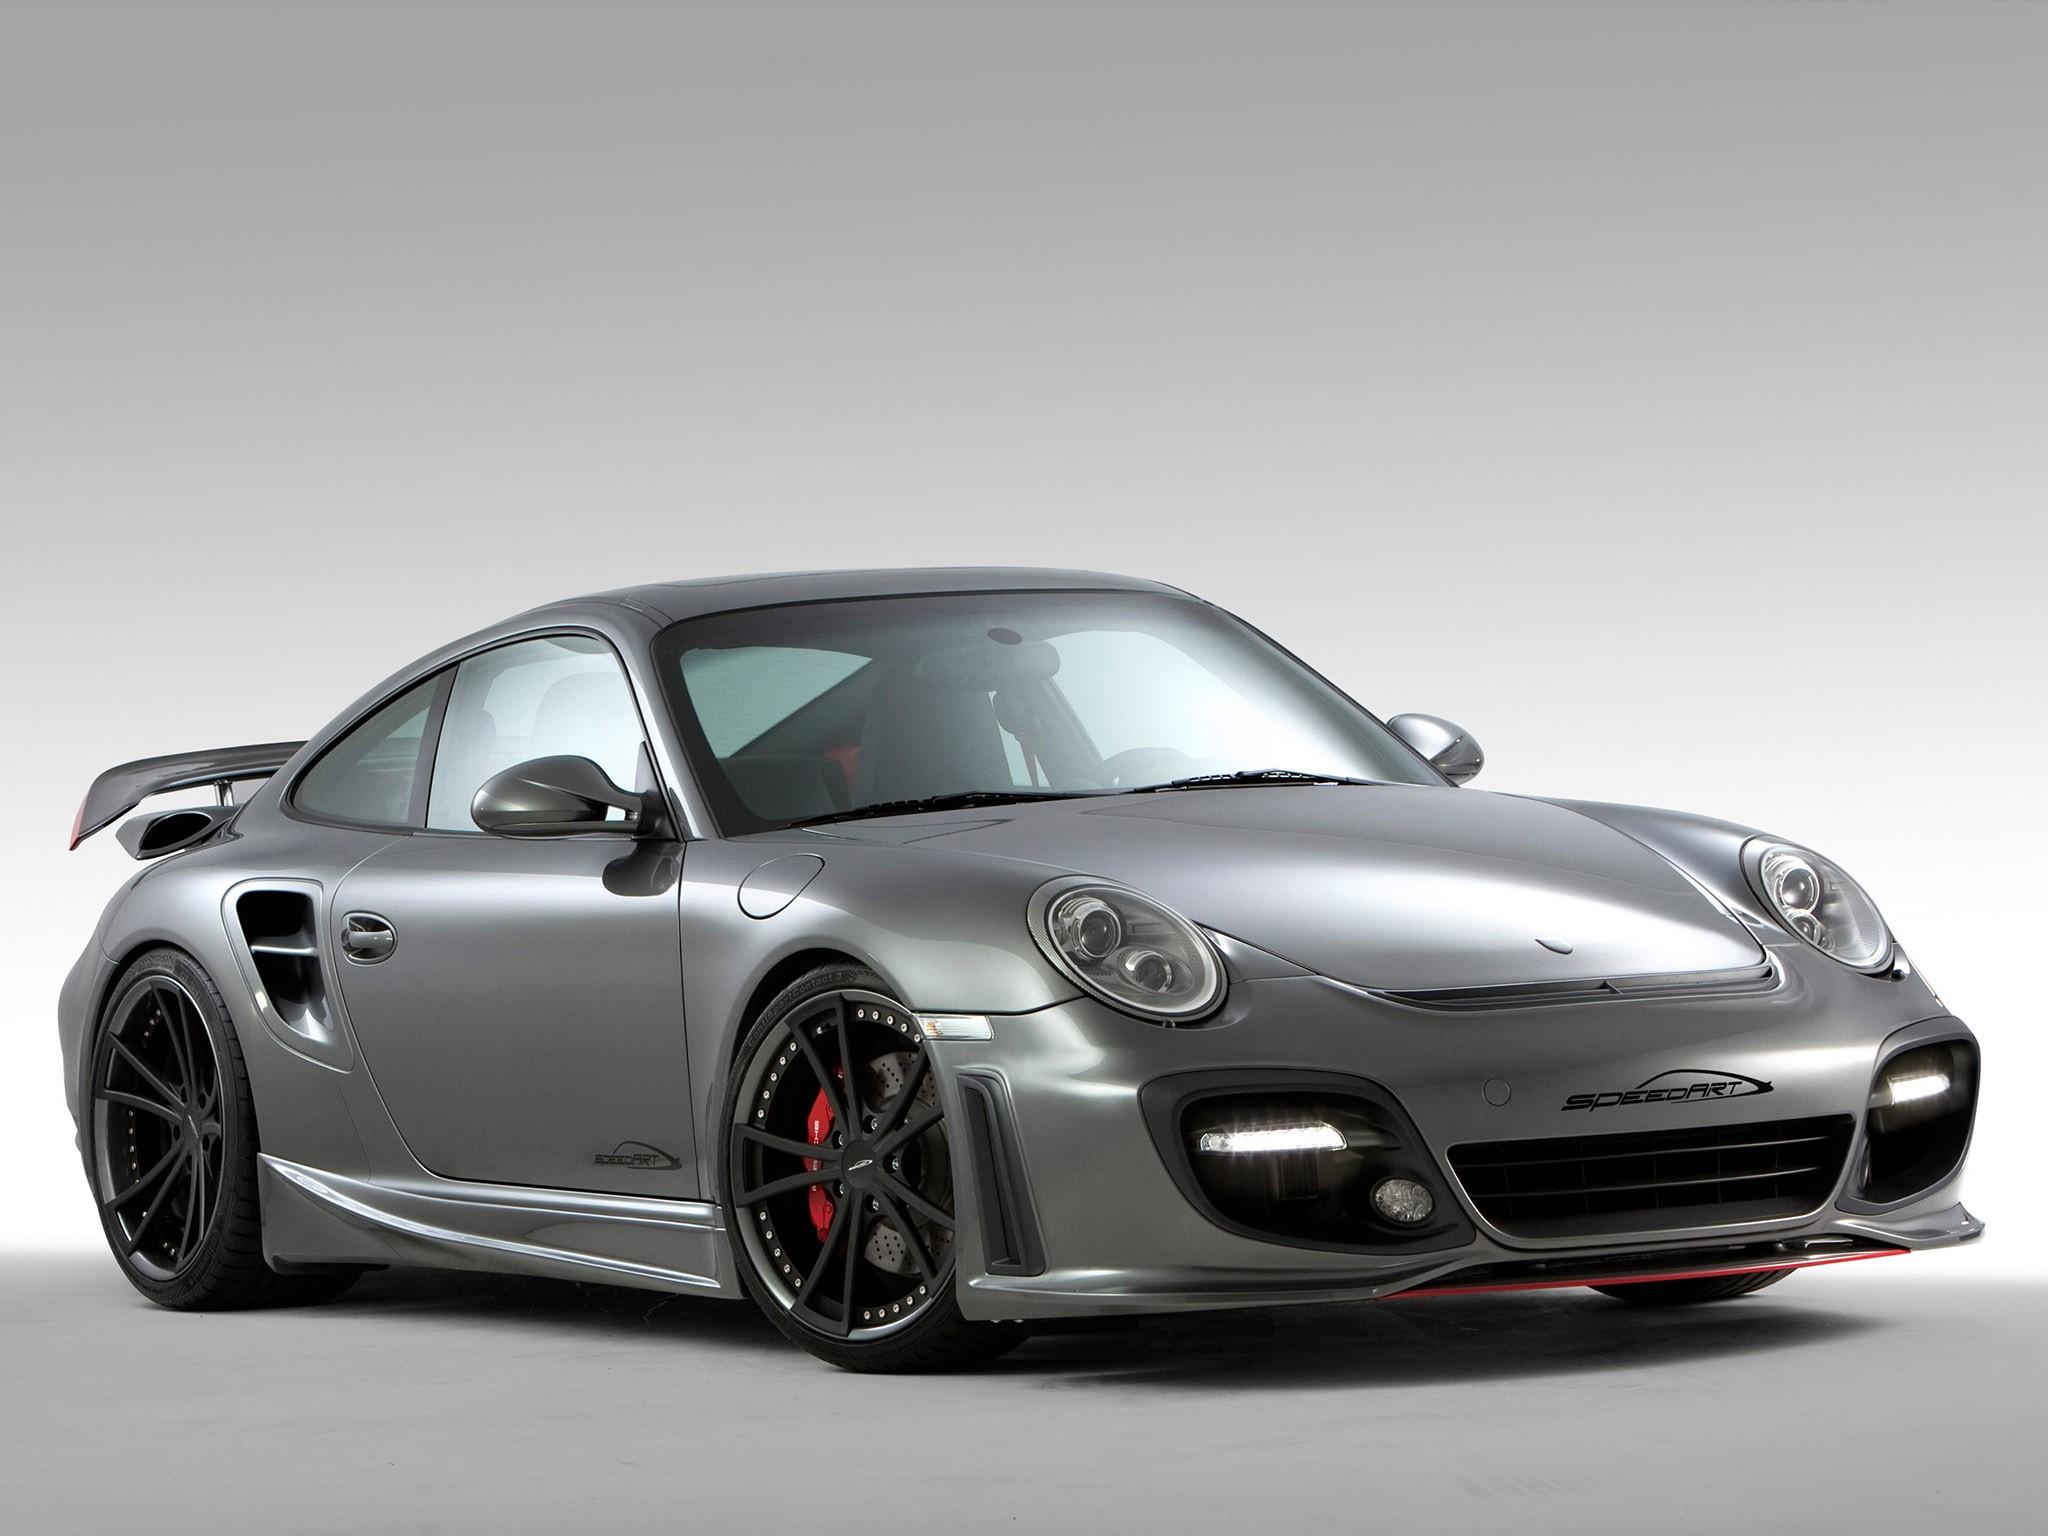 2010 Speedart Porsche 911 BTR II 650 EVO